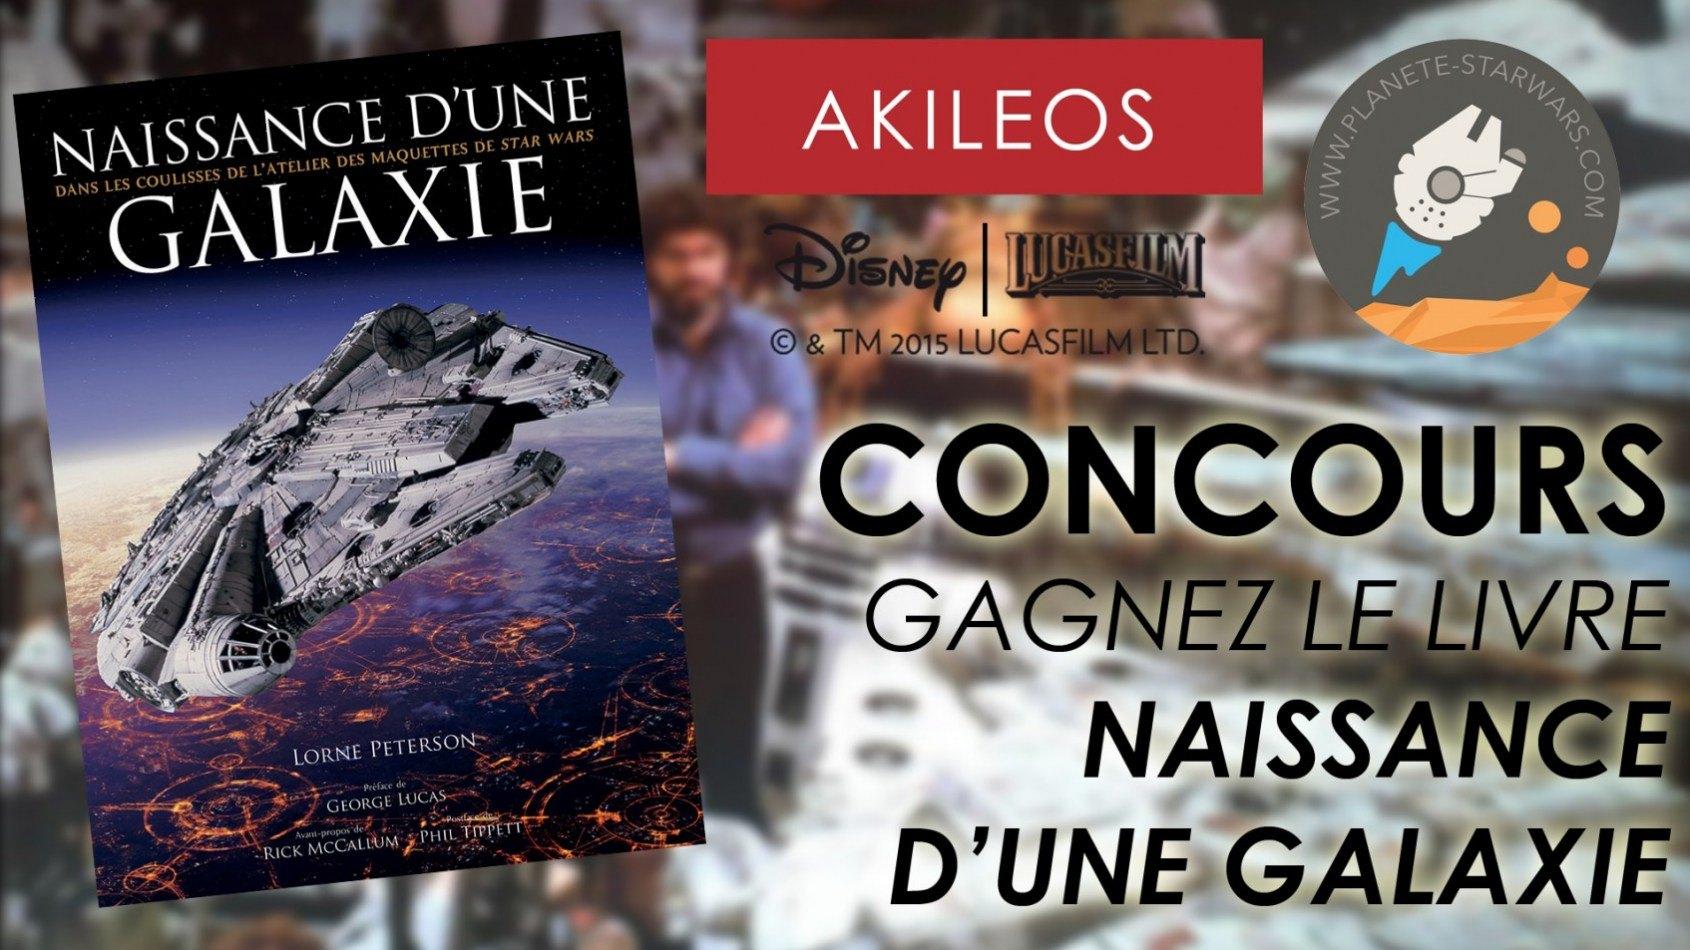 [Concours] Gagnez Naissance d'une Galaxie, avec Akileos et Plan�te StarWars